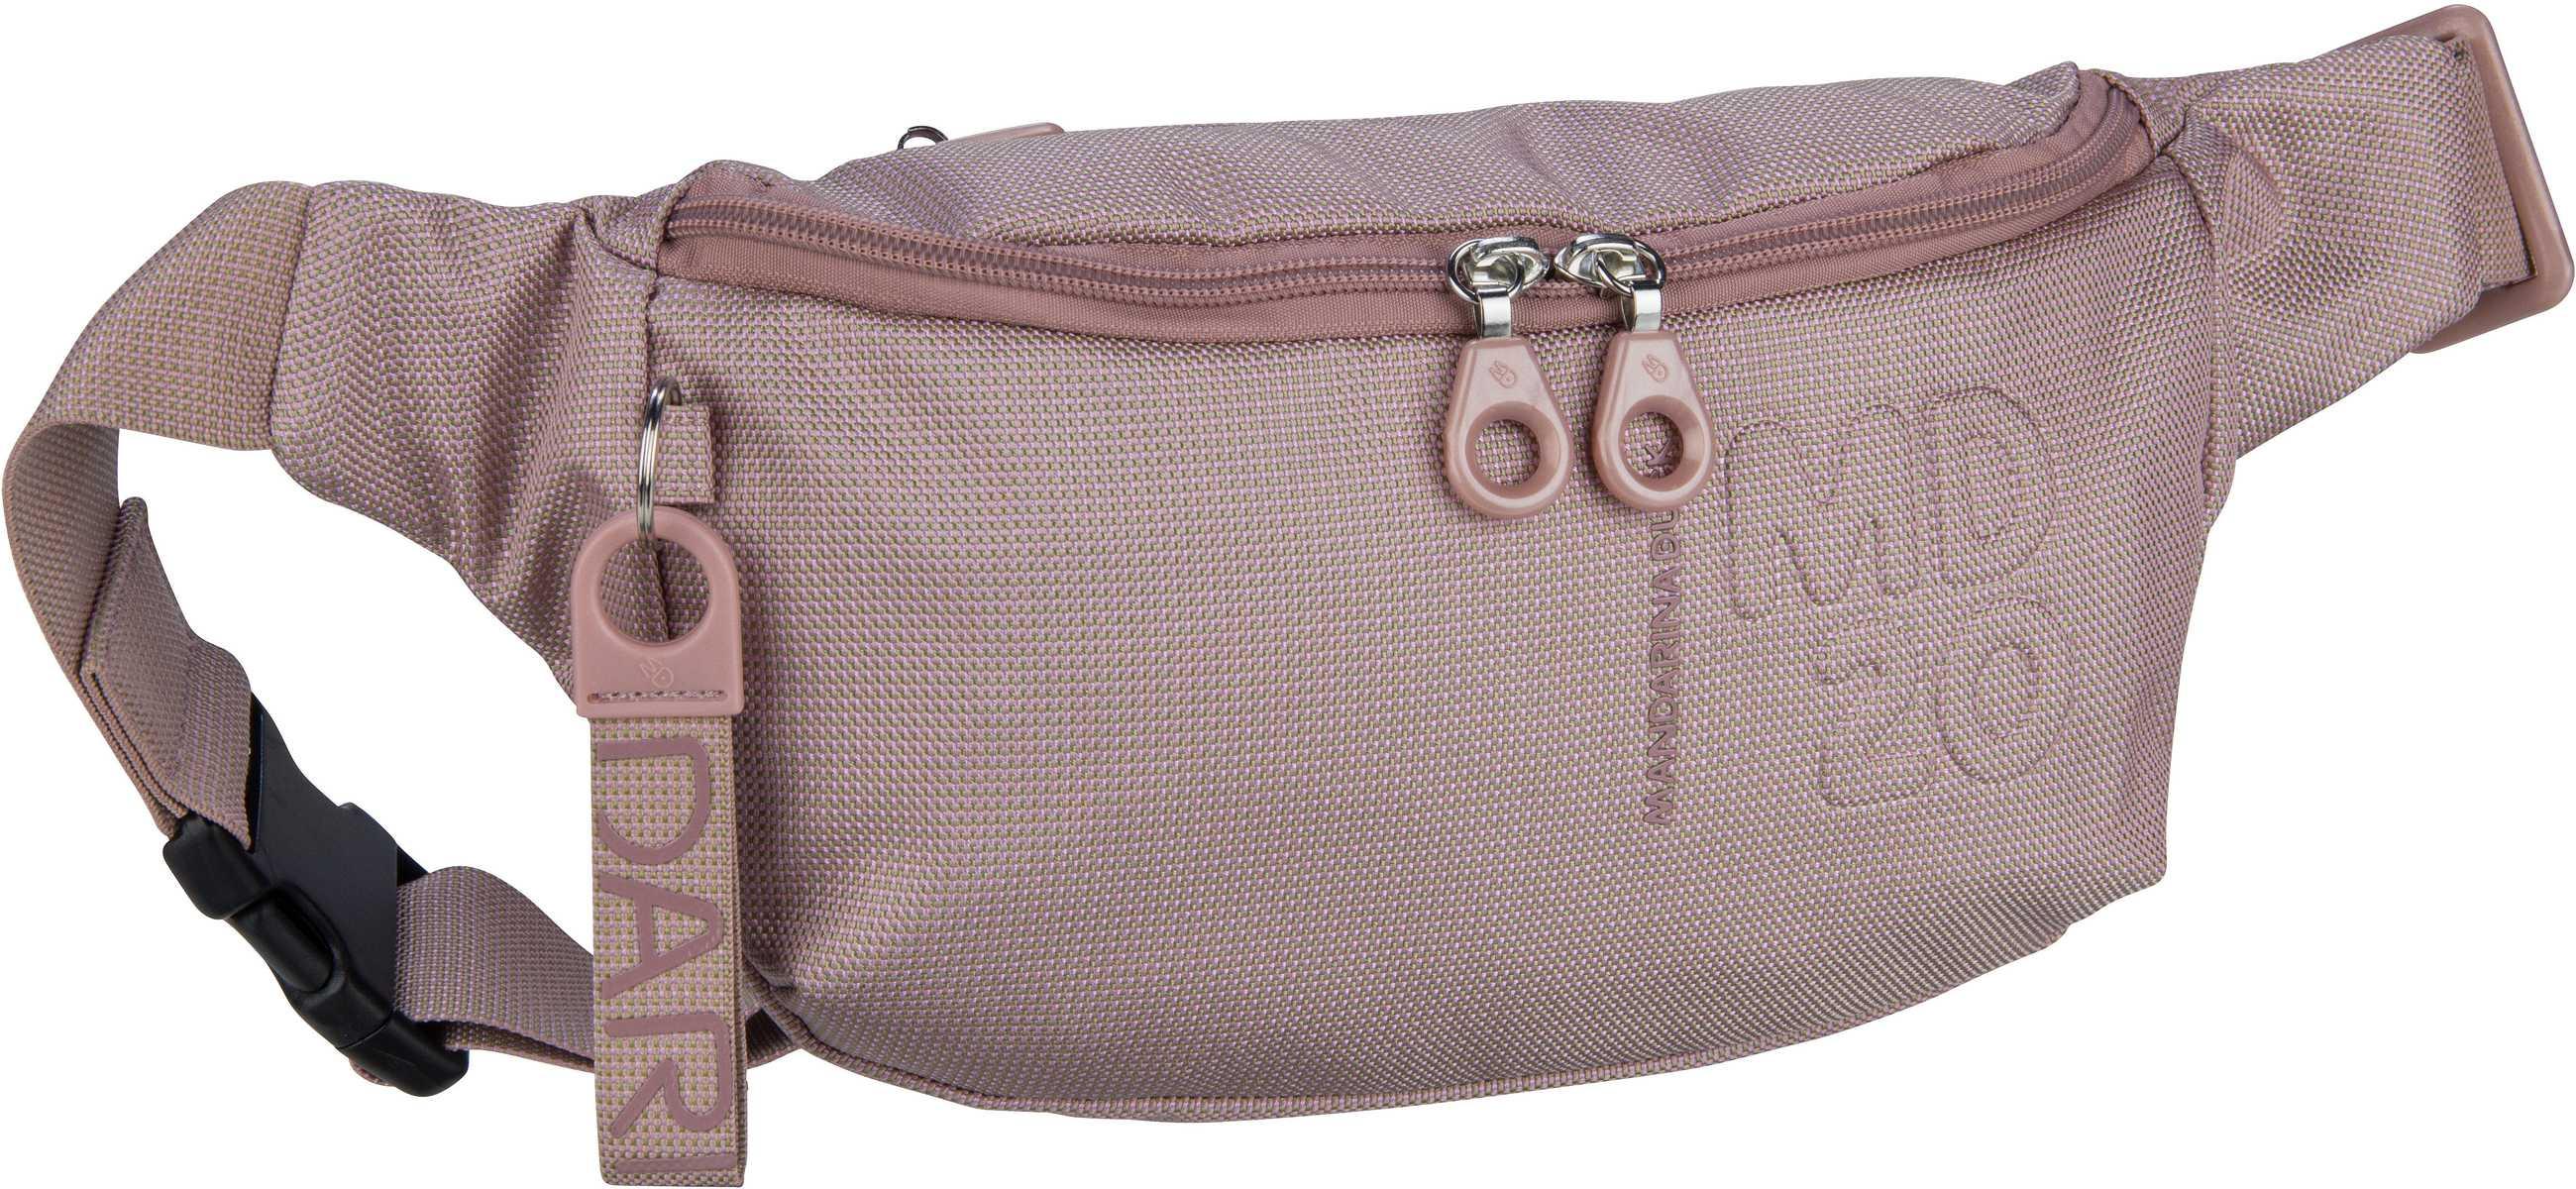 Kleinwaren - Mandarina Duck Gürteltasche MD20 Bum Bag QMMM3 Pale Blush  - Onlineshop Taschenkaufhaus